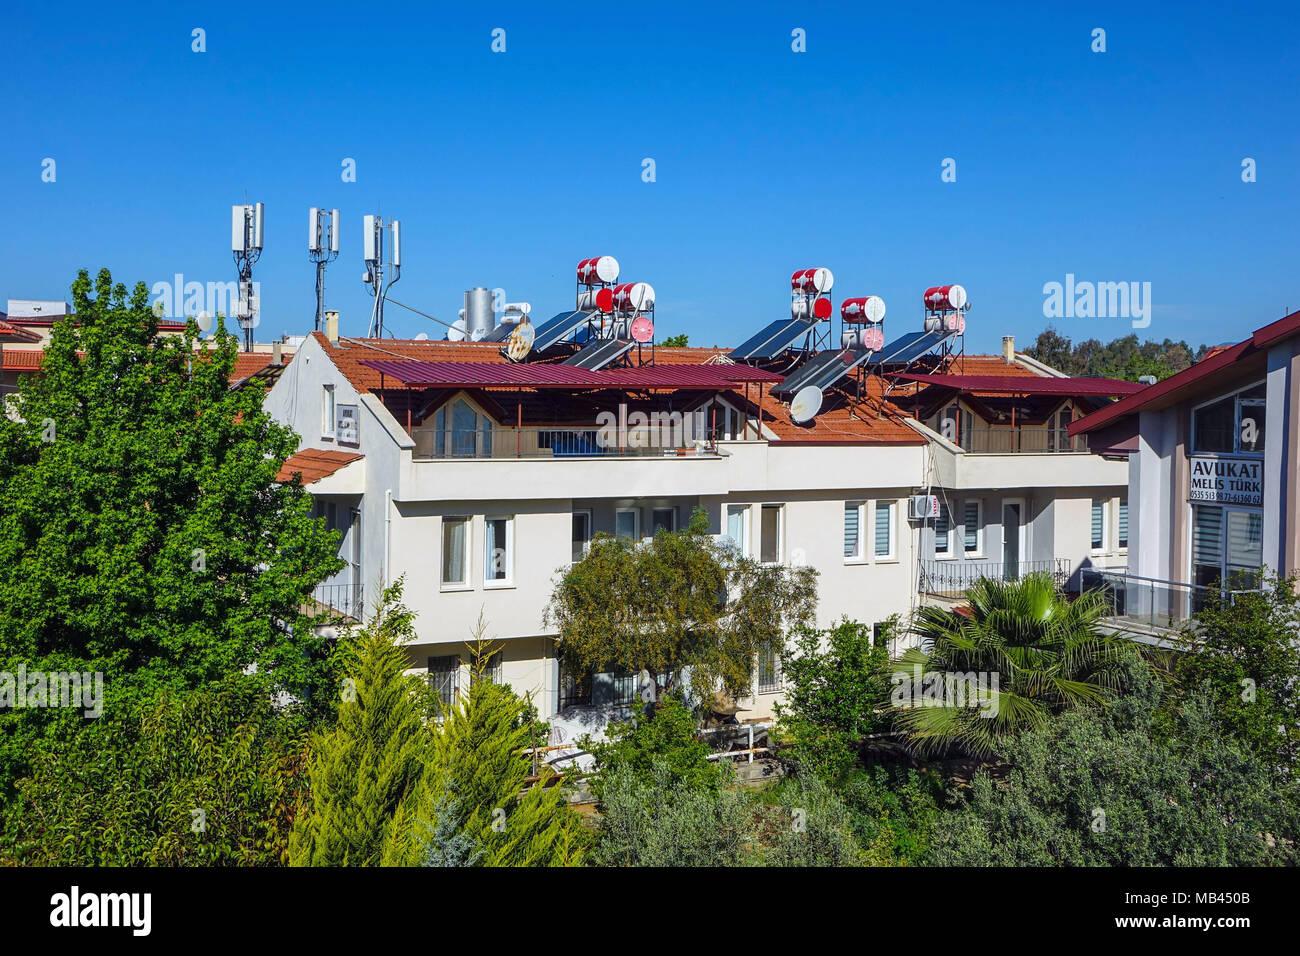 Mobile phone masts above rooftops, Fethiye, Turkey - Stock Image